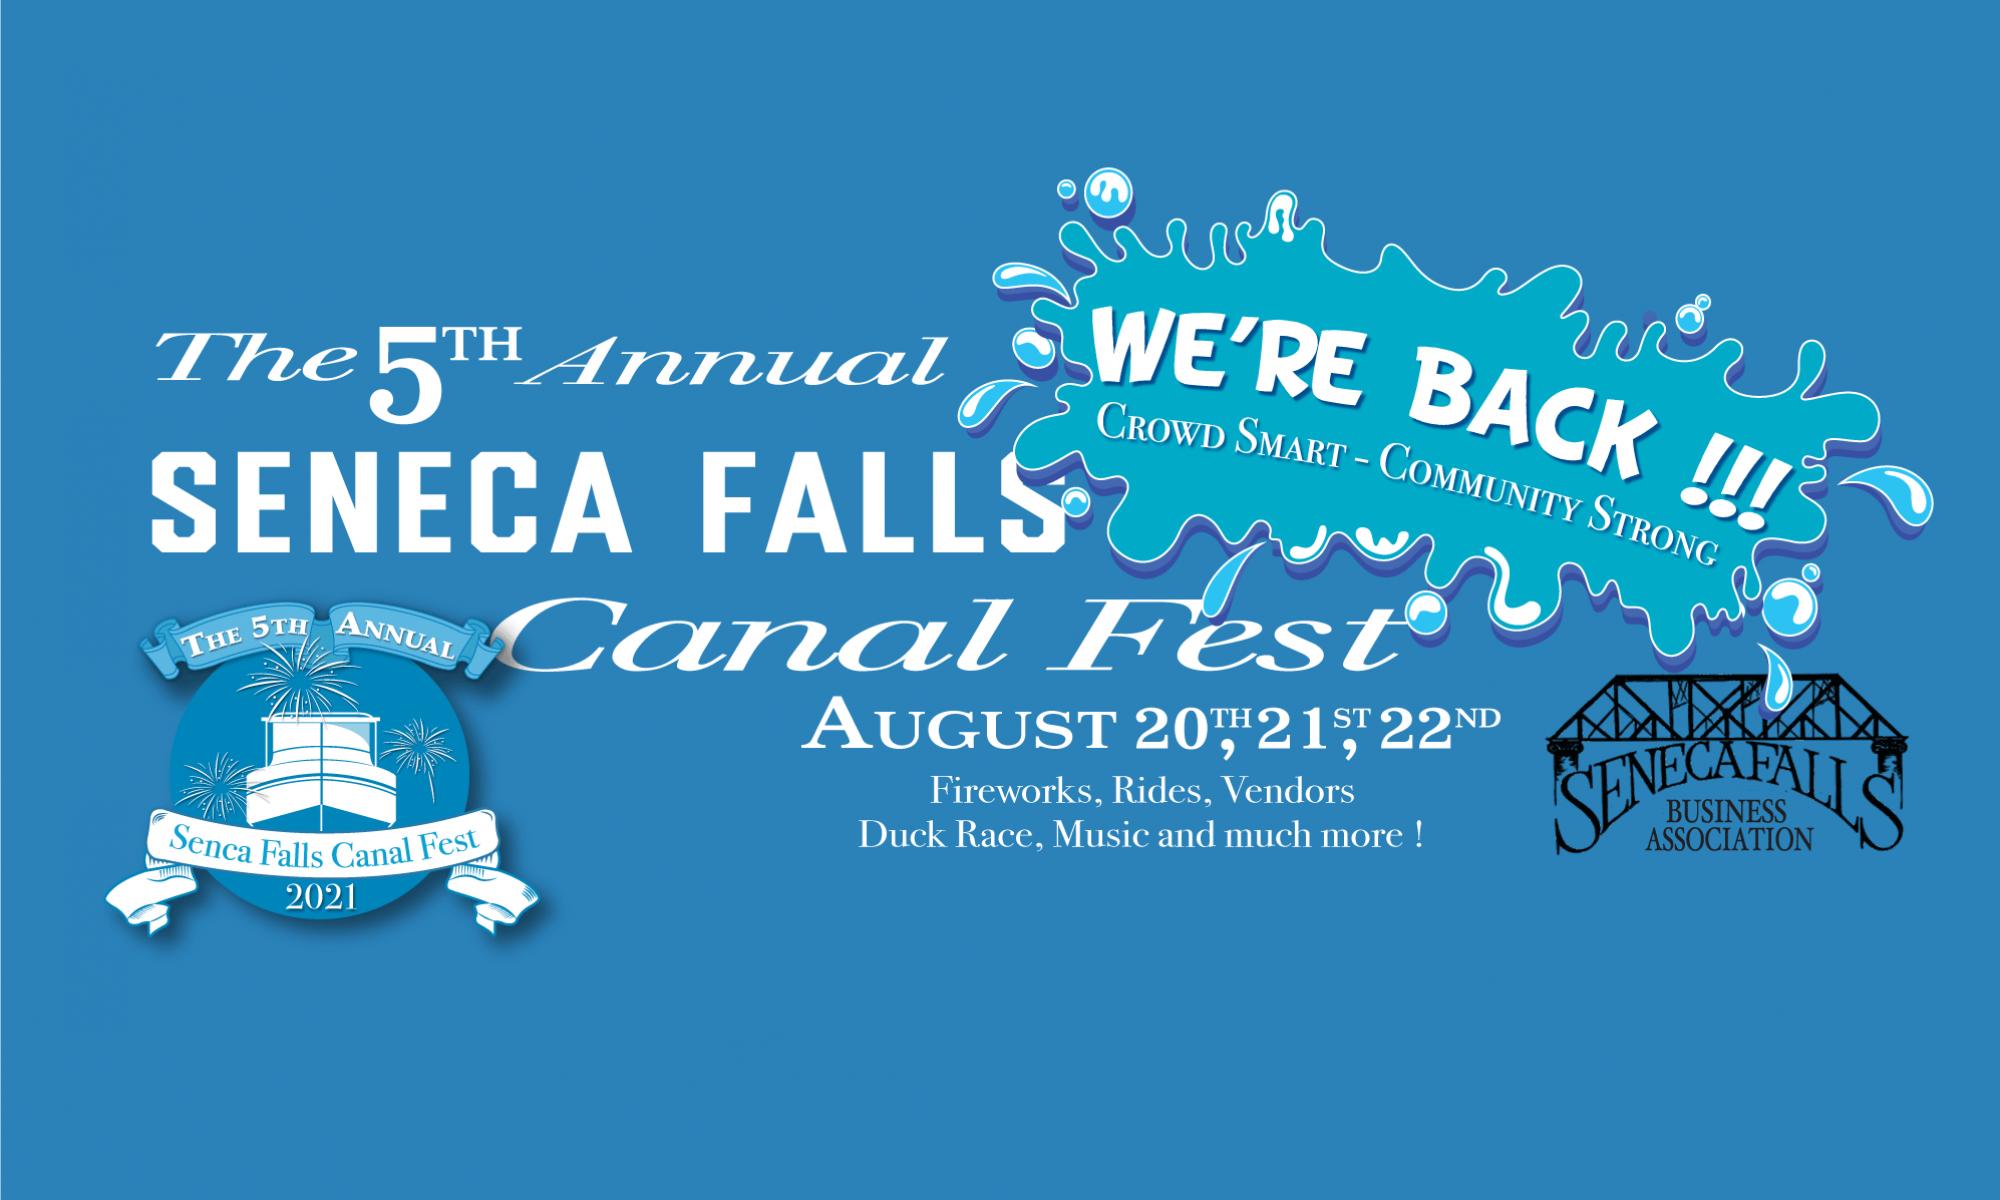 2021 Seneca Falls Canal Fest